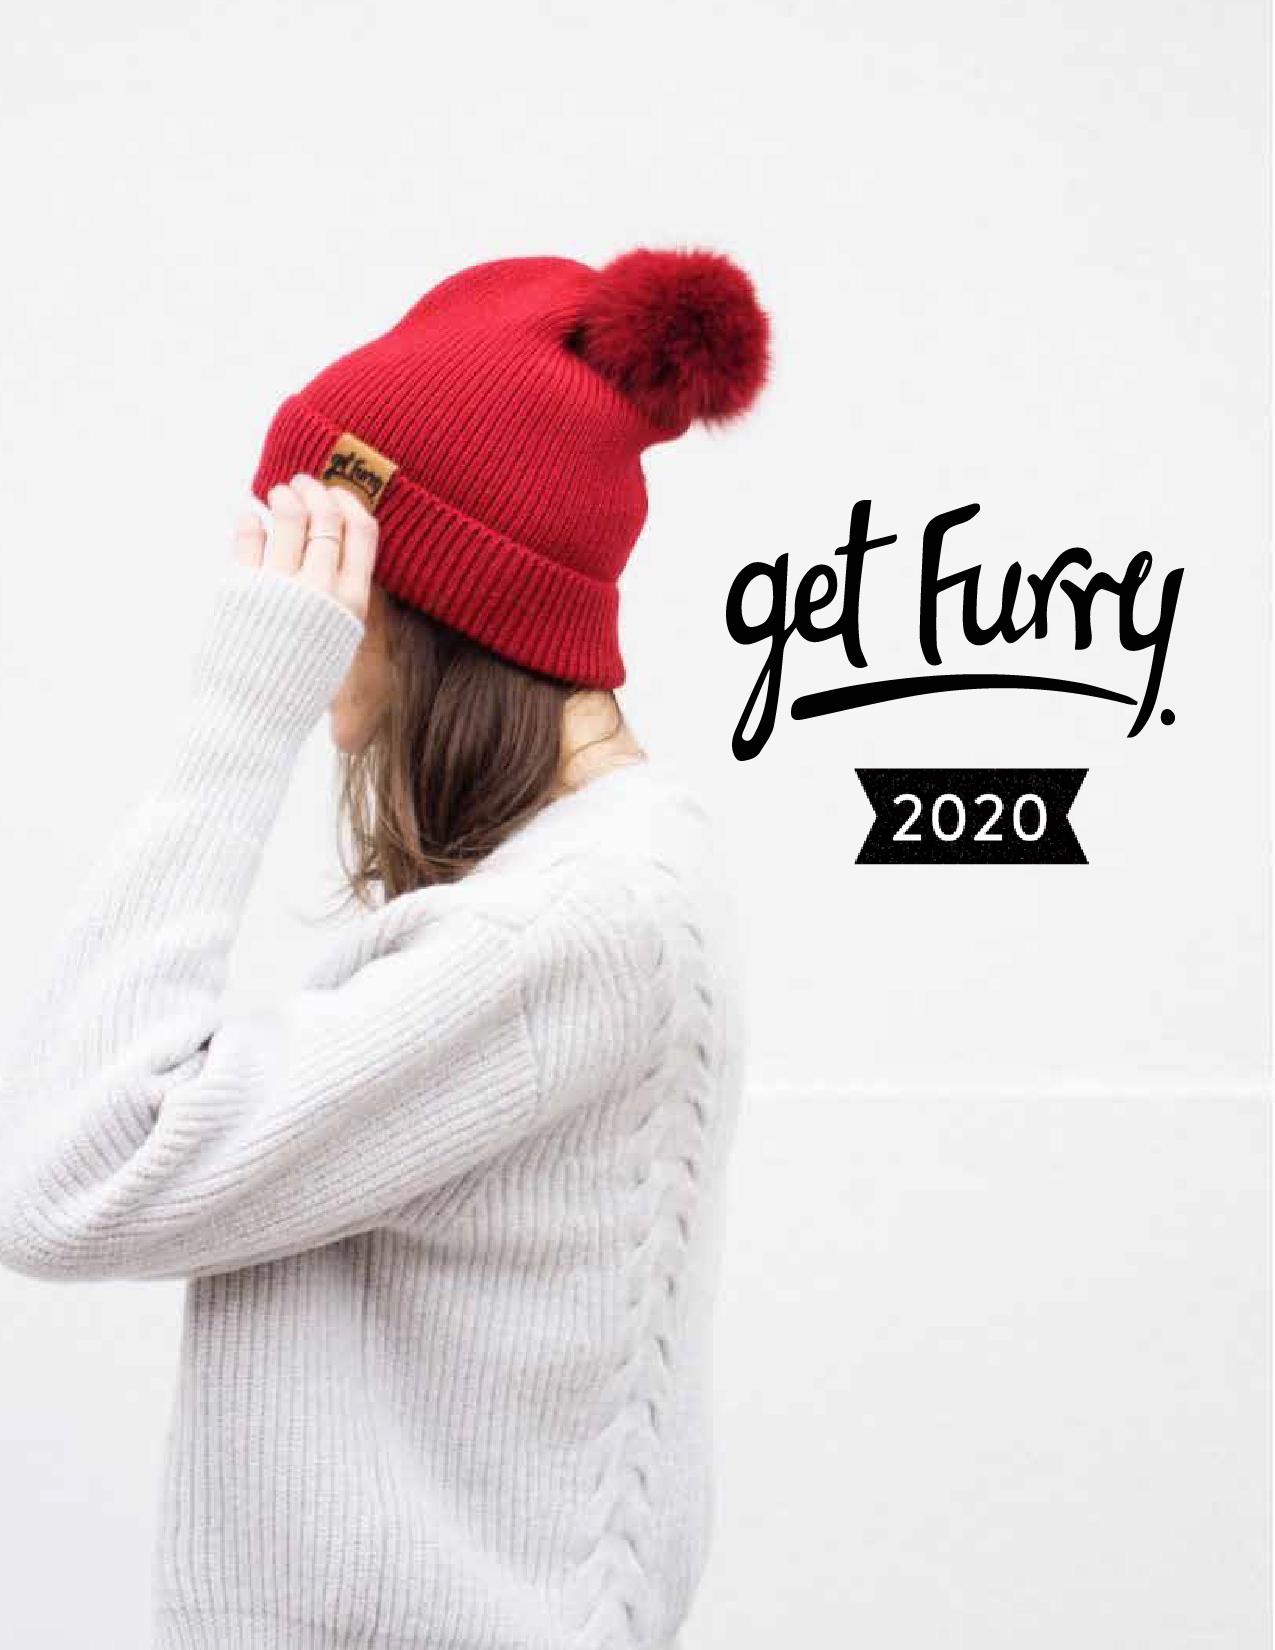 GetFurry-01.jpg